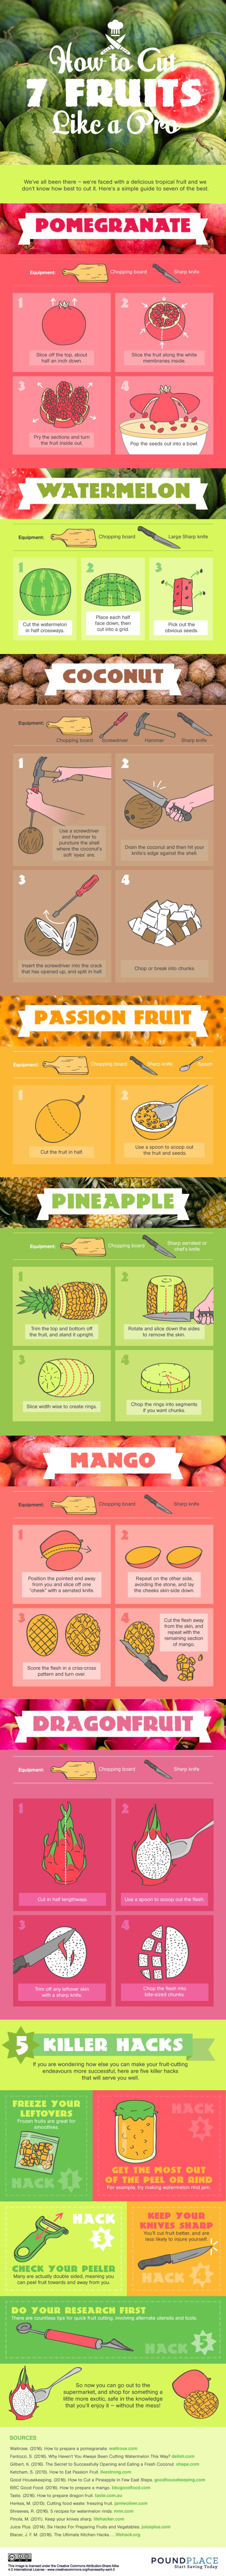 How-to-cut-7-fruits-like-a-pro